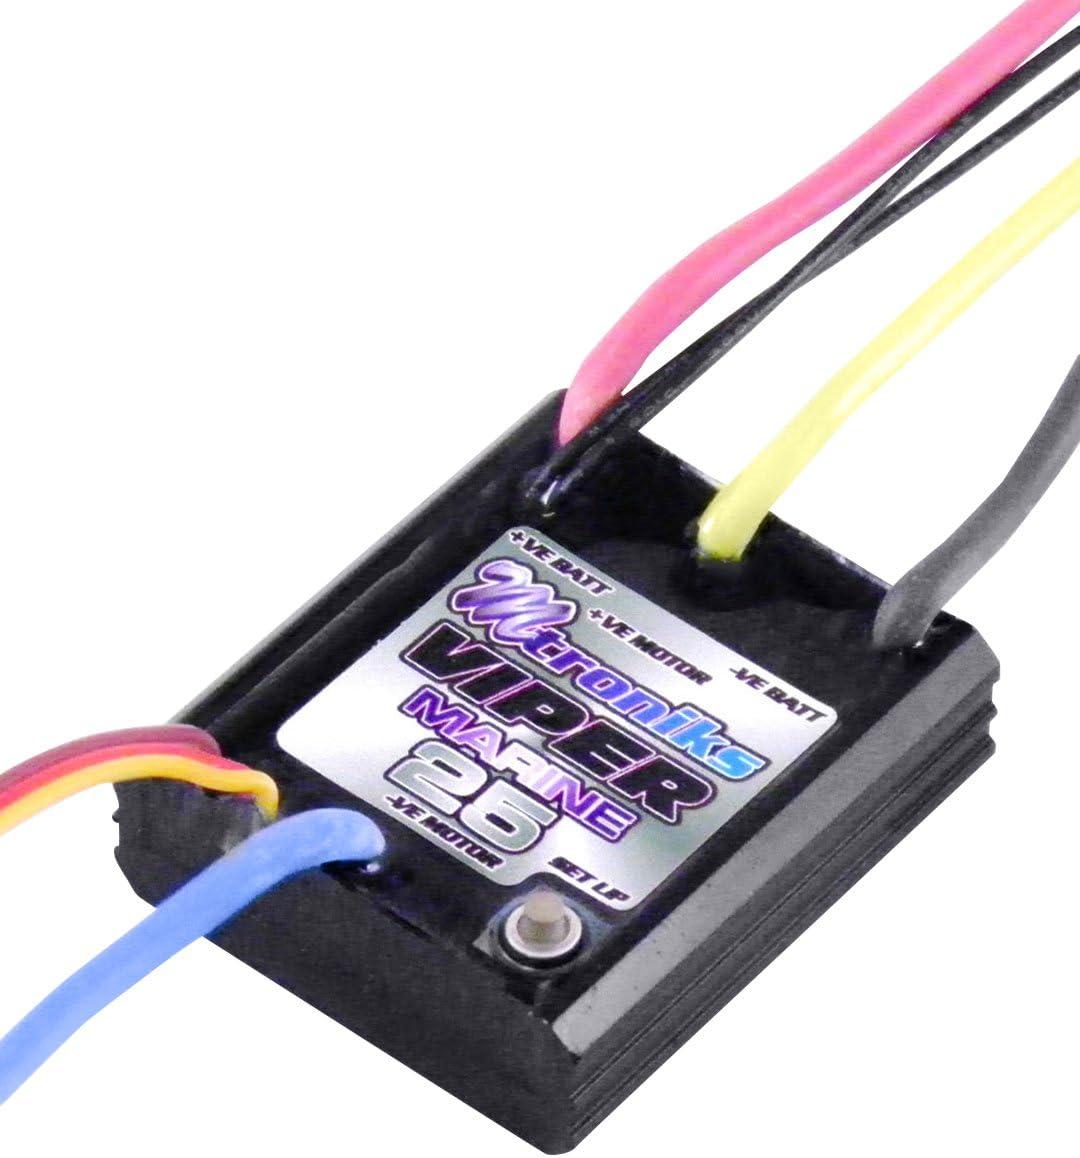 12/V 6 Carson R/égulateur Viper Marine 500906261/ /Conduite 25